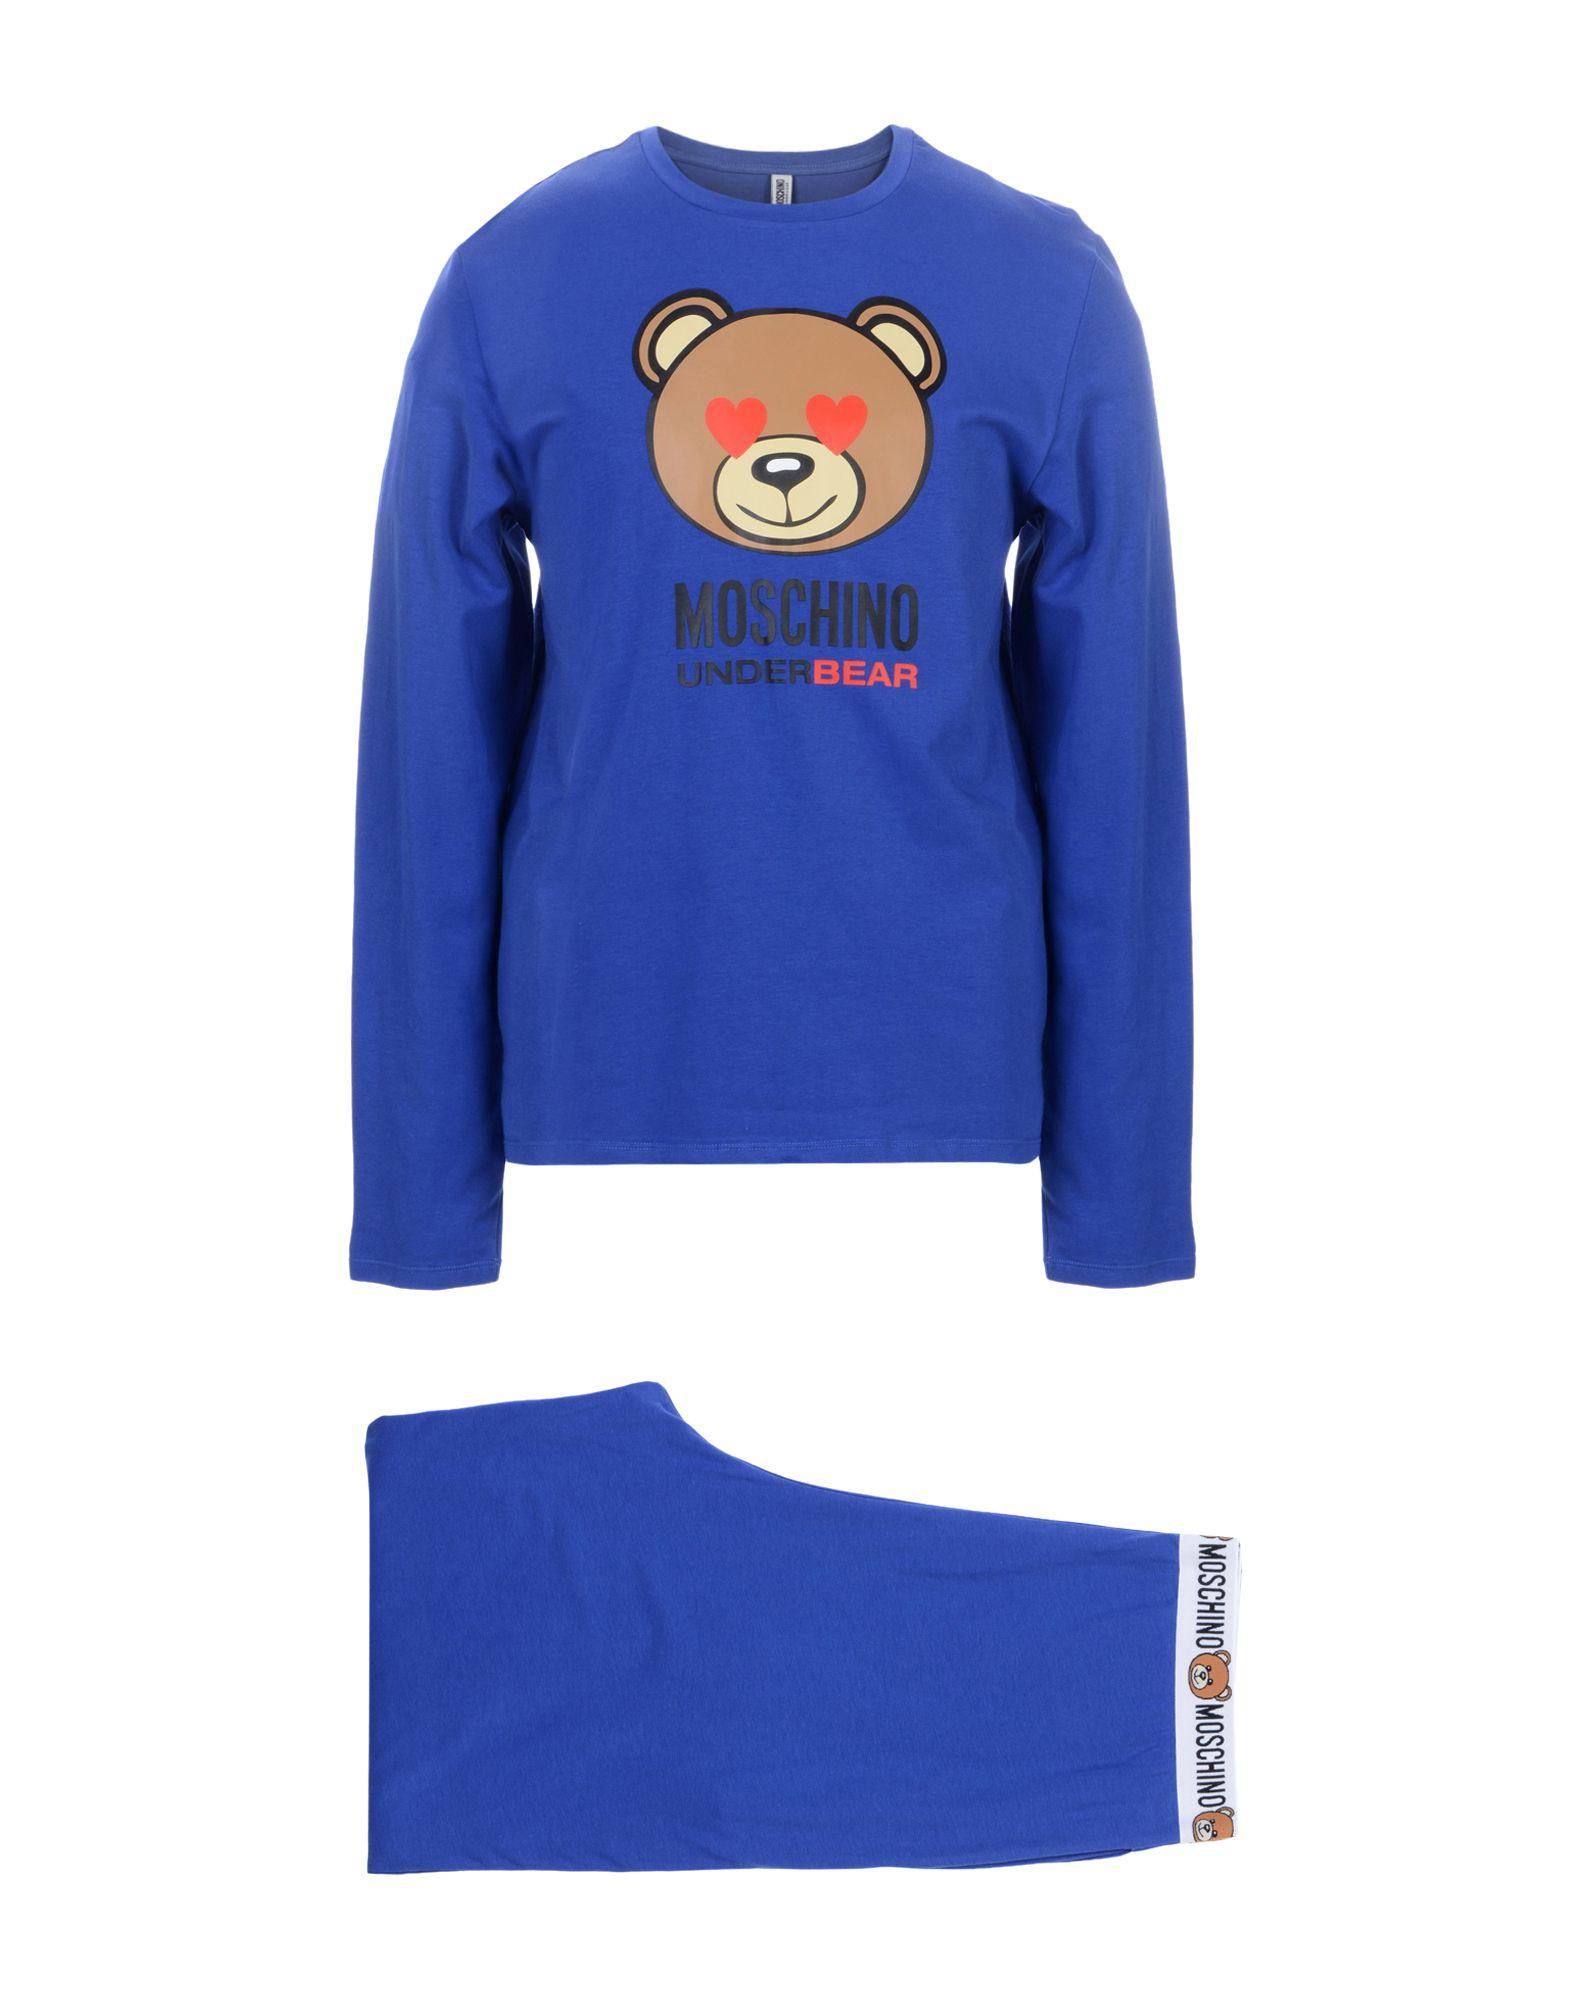 MOSCHINO UNDERWEAR Sleepwear in Blue